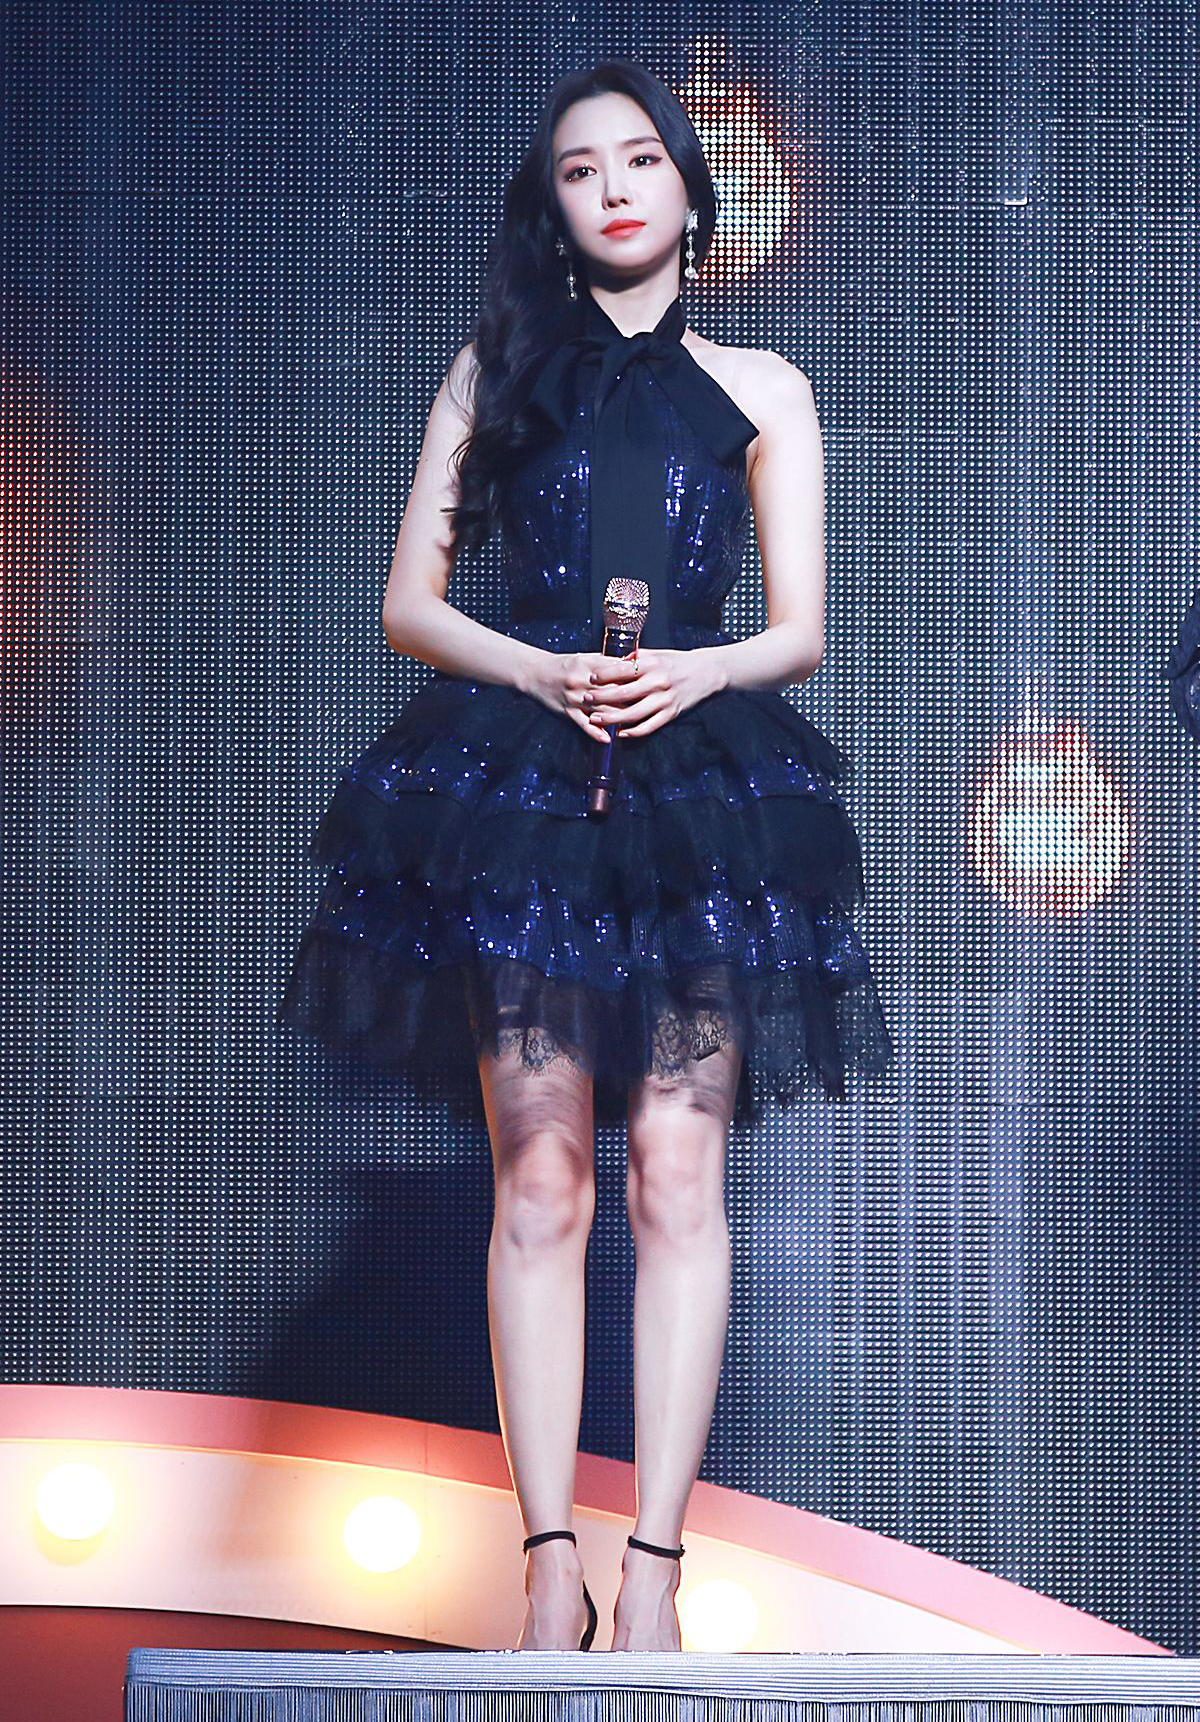 Na Eun (Apink) vừa ngây thơ vừa quyến rũ khi diện Sequin mini dress của Self Portrait.